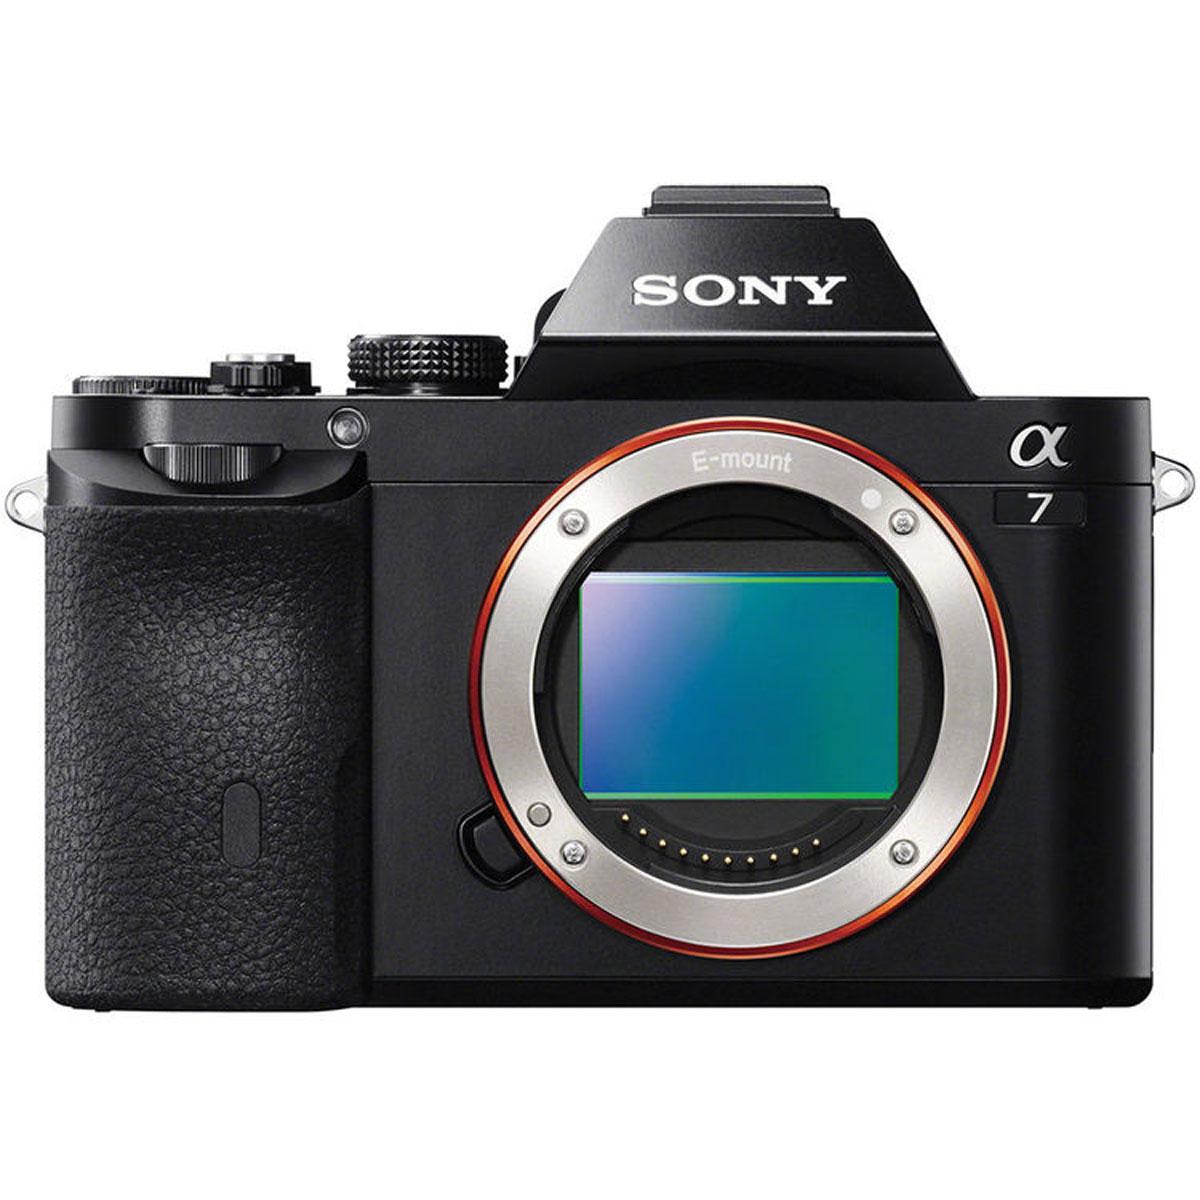 Sony Alpha A7 Body, Black цифровая фотокамераILCE7B.RU2Камера Sony Alpha 7 с байонетом Е и полнокадровой матрицей:35-мм полнокадровая матрица 24,3 Мпикс:Компания Sony, один из ведущих производителей матриц, объединила свои передовые технологии, чтобы добиться самых высоких показателей разрешения и качества изображения в истории. Эта революционная 35-мм полнокадровая матрица Exmor CMOS фиксирует свет с рекордной эффективностью для обеспечения высокой чувствительности, широкого динамического диапазона и непревзойденного уровня реализма при значительном снижении уровня шума.Процессор BIONZ X:Sony с гордостью представляет процессор изображений BIONZ X, который благодаря дополнительным возможностям высокоскоростной обработки данных тщательно воспроизводит текстуры и мелкие детали в режиме реального времени так же, как Вы их видите невооруженным глазом. В сочетании с большой интегральной схемой внешнего доступа, которая ускоряет обработку на самых ранних этапах, он обеспечивает более естественное представление деталей, более реалистичную передачу изображений, точные градации оттенков и снижение уровня шума, как при съемке фотографий, так и при записи видео.Воспроизведение деталей и снижение дифракции:Две новые технологии позволяют полностью реализовать преимущества матрицы и объективов. Технология воспроизведения деталей предотвращает чрезмерное выделение контуров, что является недостатком большинства цифровых изображений. Технология снижения дифракции подавляет эффекты дифракции, из-за которых точечные источники света кажутся размытыми, особенно при низких значениях диафрагмы (высокие значения F-чисел). Учитывая настройки диафрагмы, эта технология тщательно восстанавливает четкость точечных источников света и других мелких деталей для живописных пейзажей, портретов и многого другого.Подавление шума в отдельных областях снимка:Подавление шума в отдельных областях снимка теперь мощнее, чем когда-либо. Эта технология выборочно разделяет изображение на области на основе обра